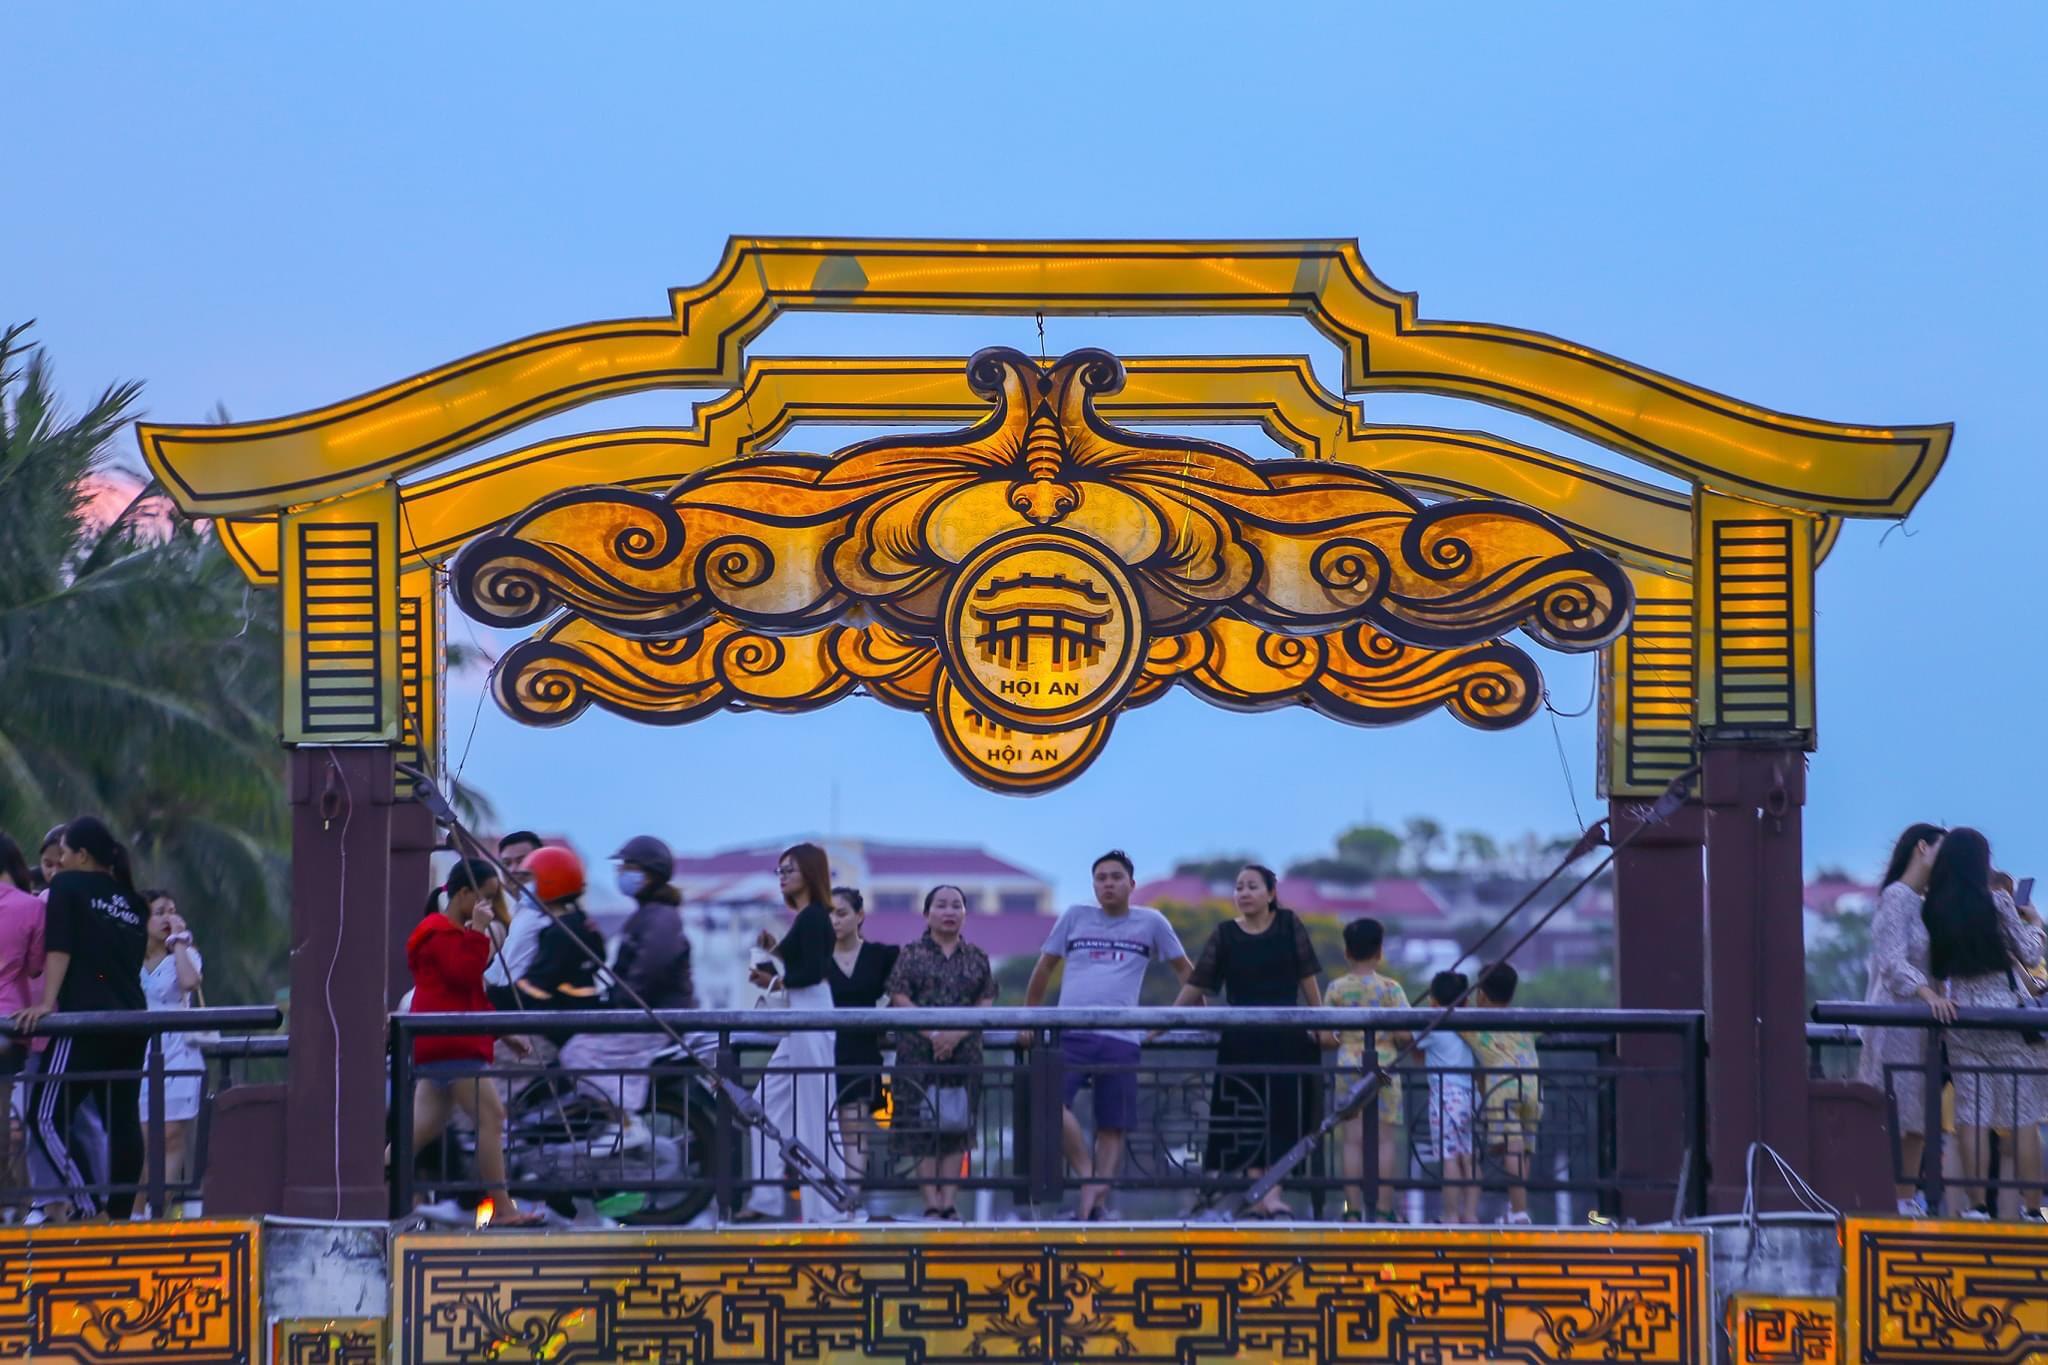 Hình ảnh cổng chào Hội An